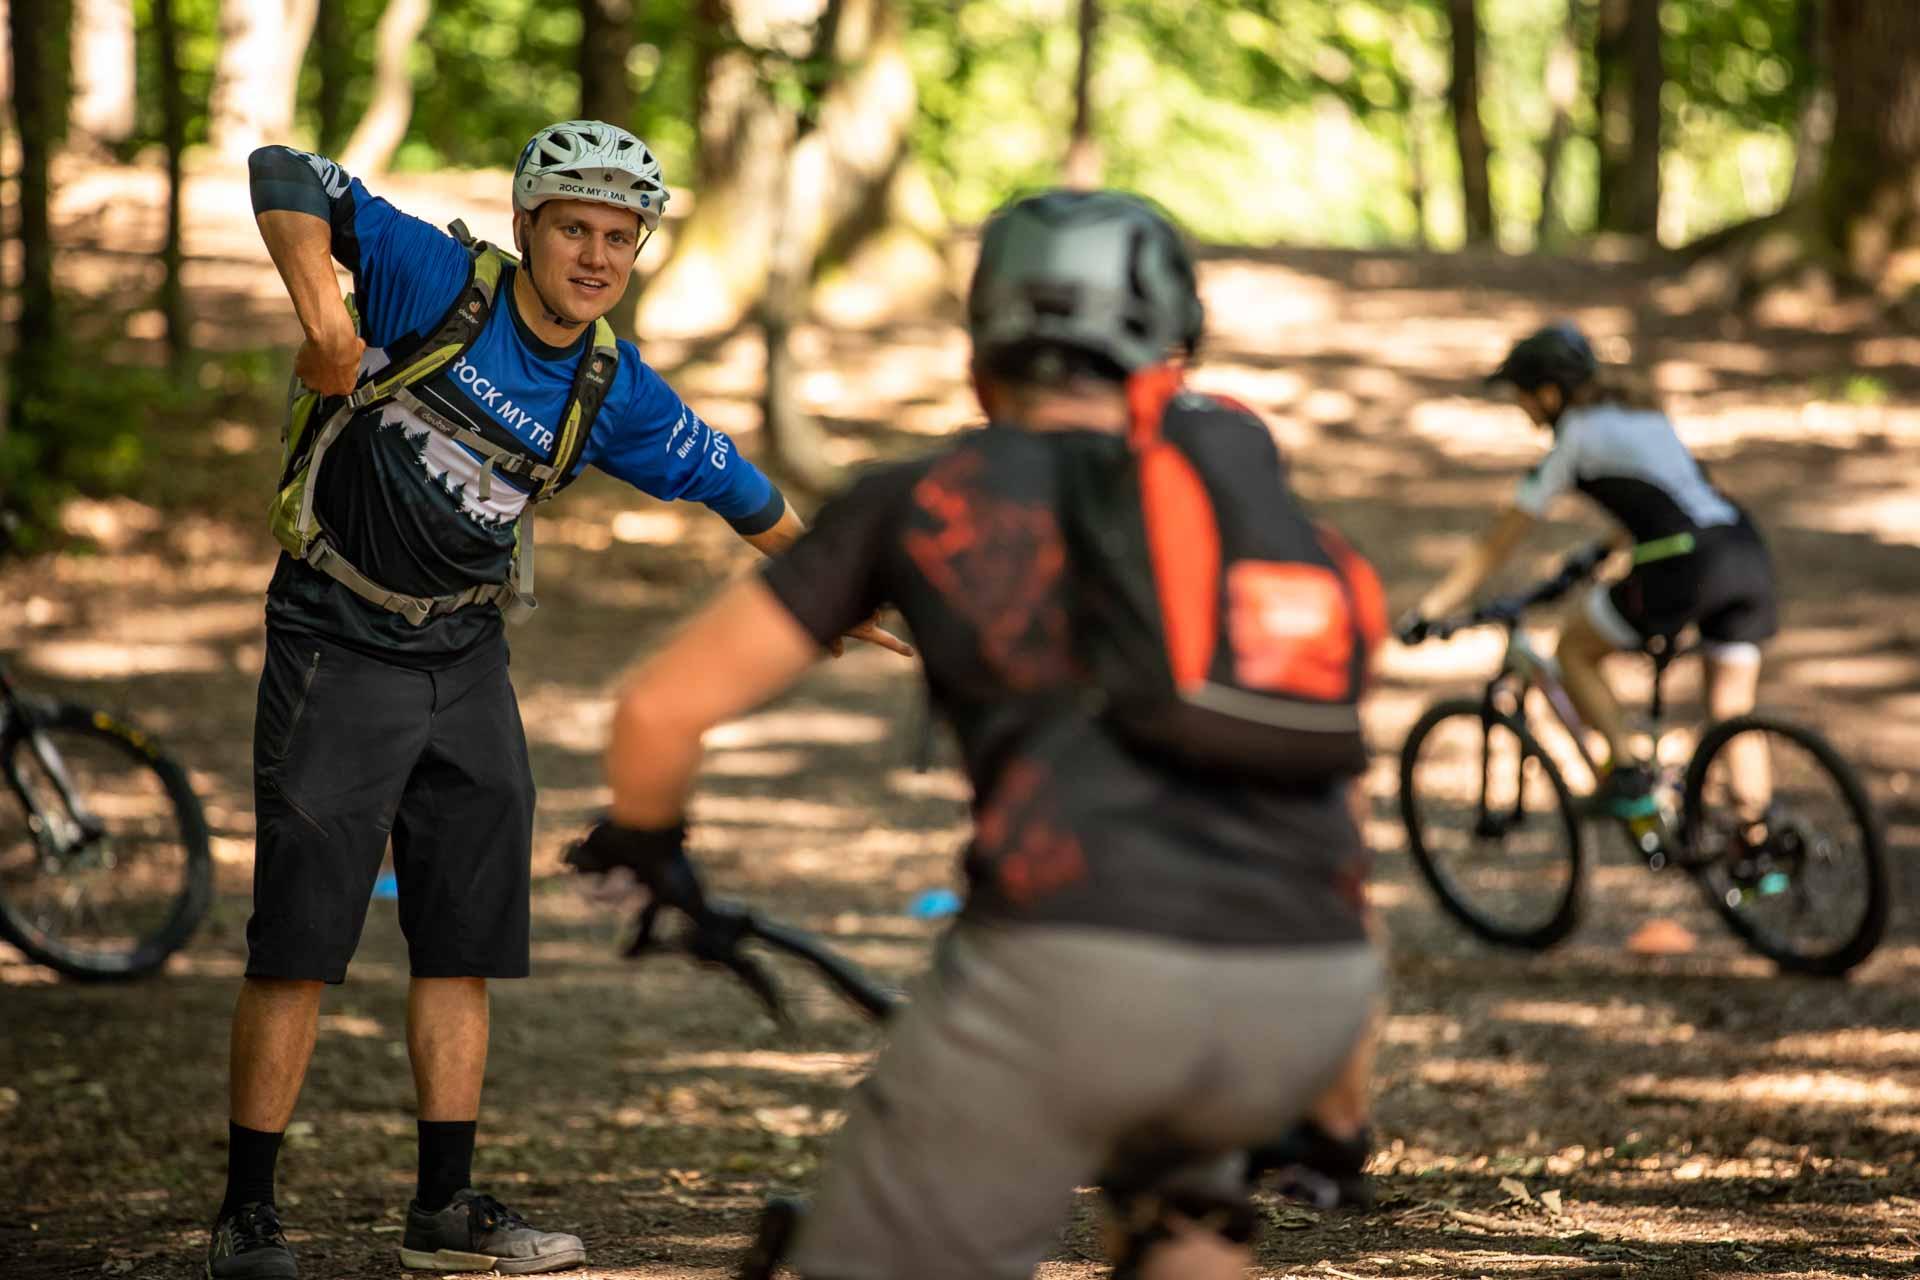 MTB Fahrtechnik Kurs für Einsteiger in Siegburg   Bonn - Mountainbike Basic - Rock my Trail Bikeschule - 20